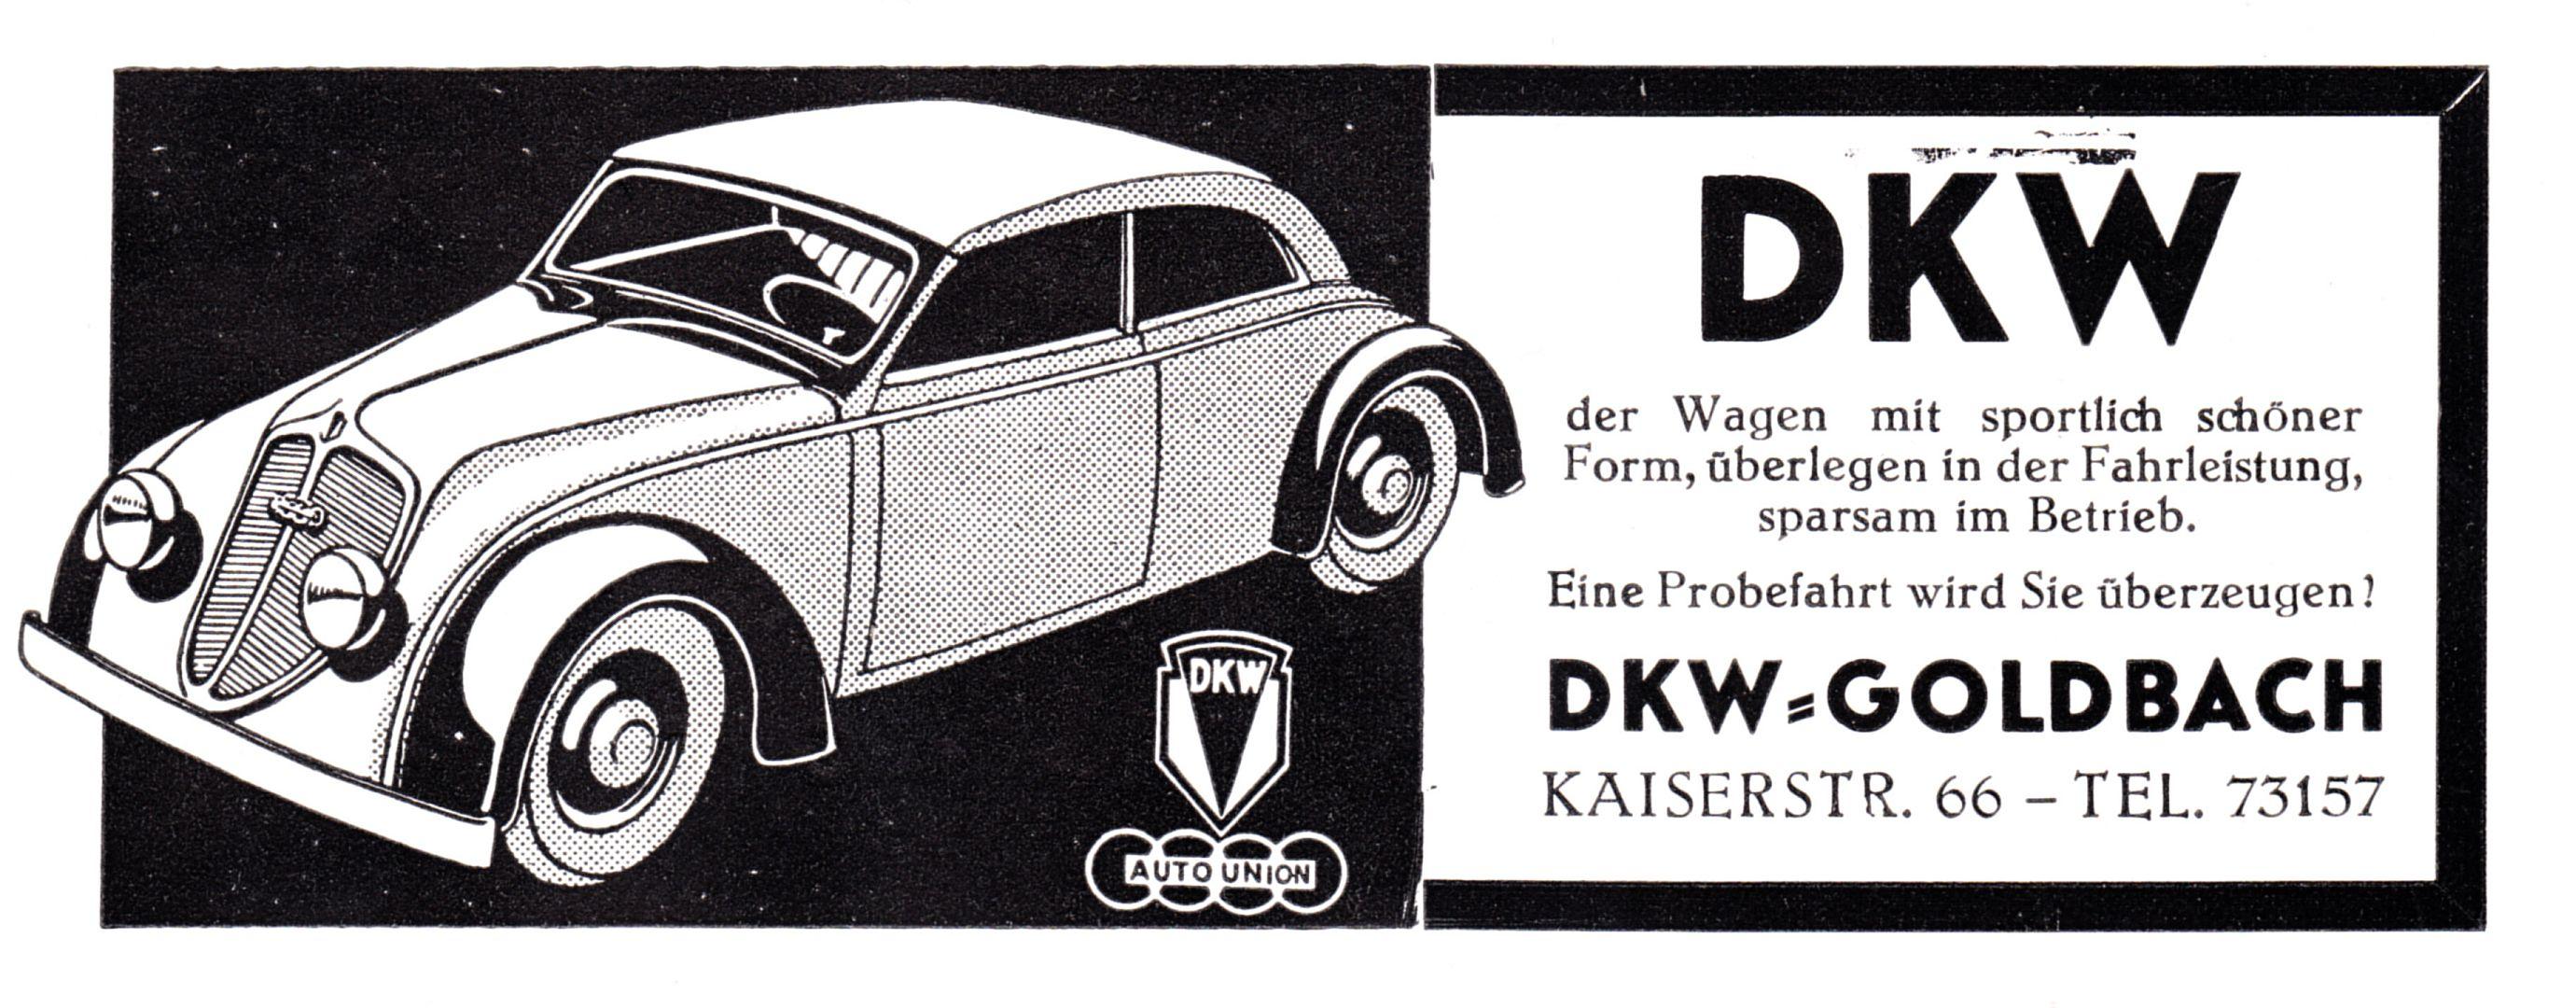 DKW_Werbung_Schwebeklasse.jpg